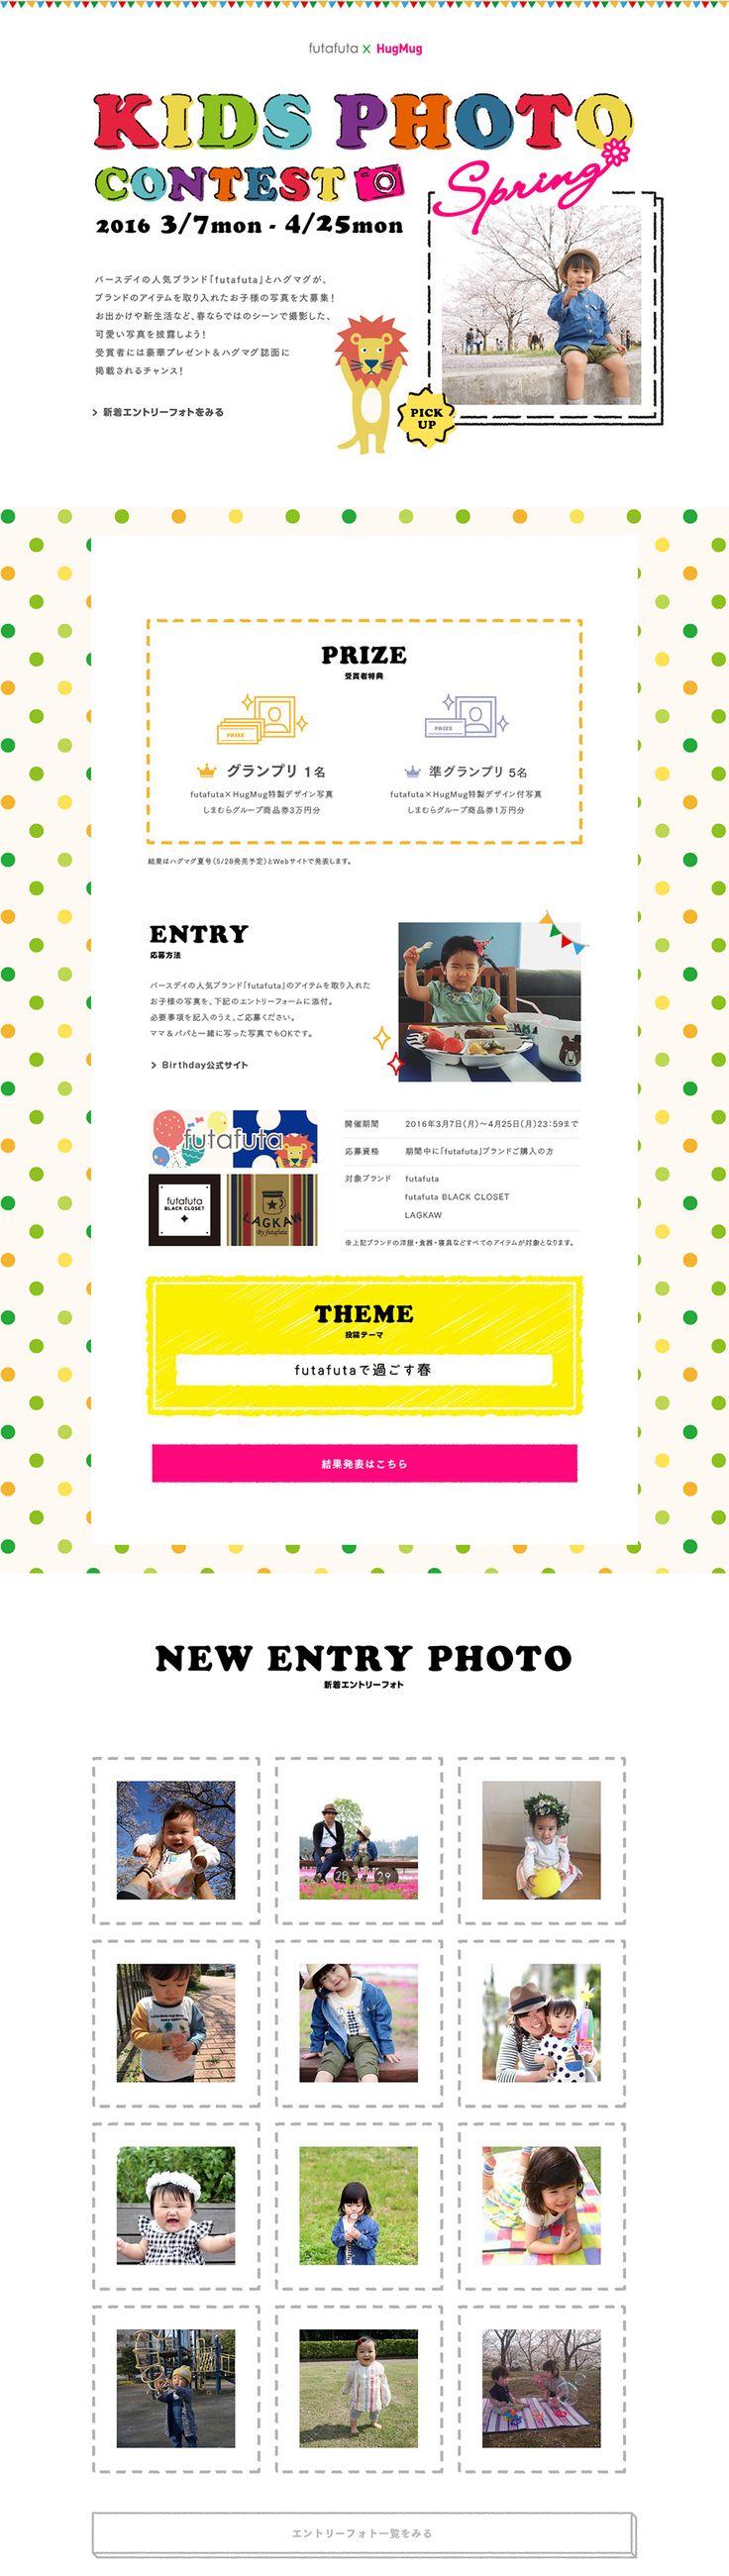 futafuta×Hugmug KIDS BIKE PHOTO CONTEST【サービス関連】のLPデザイン。WEBデザイナーさん必見!ランディングページのデザイン参考に(かわいい系)